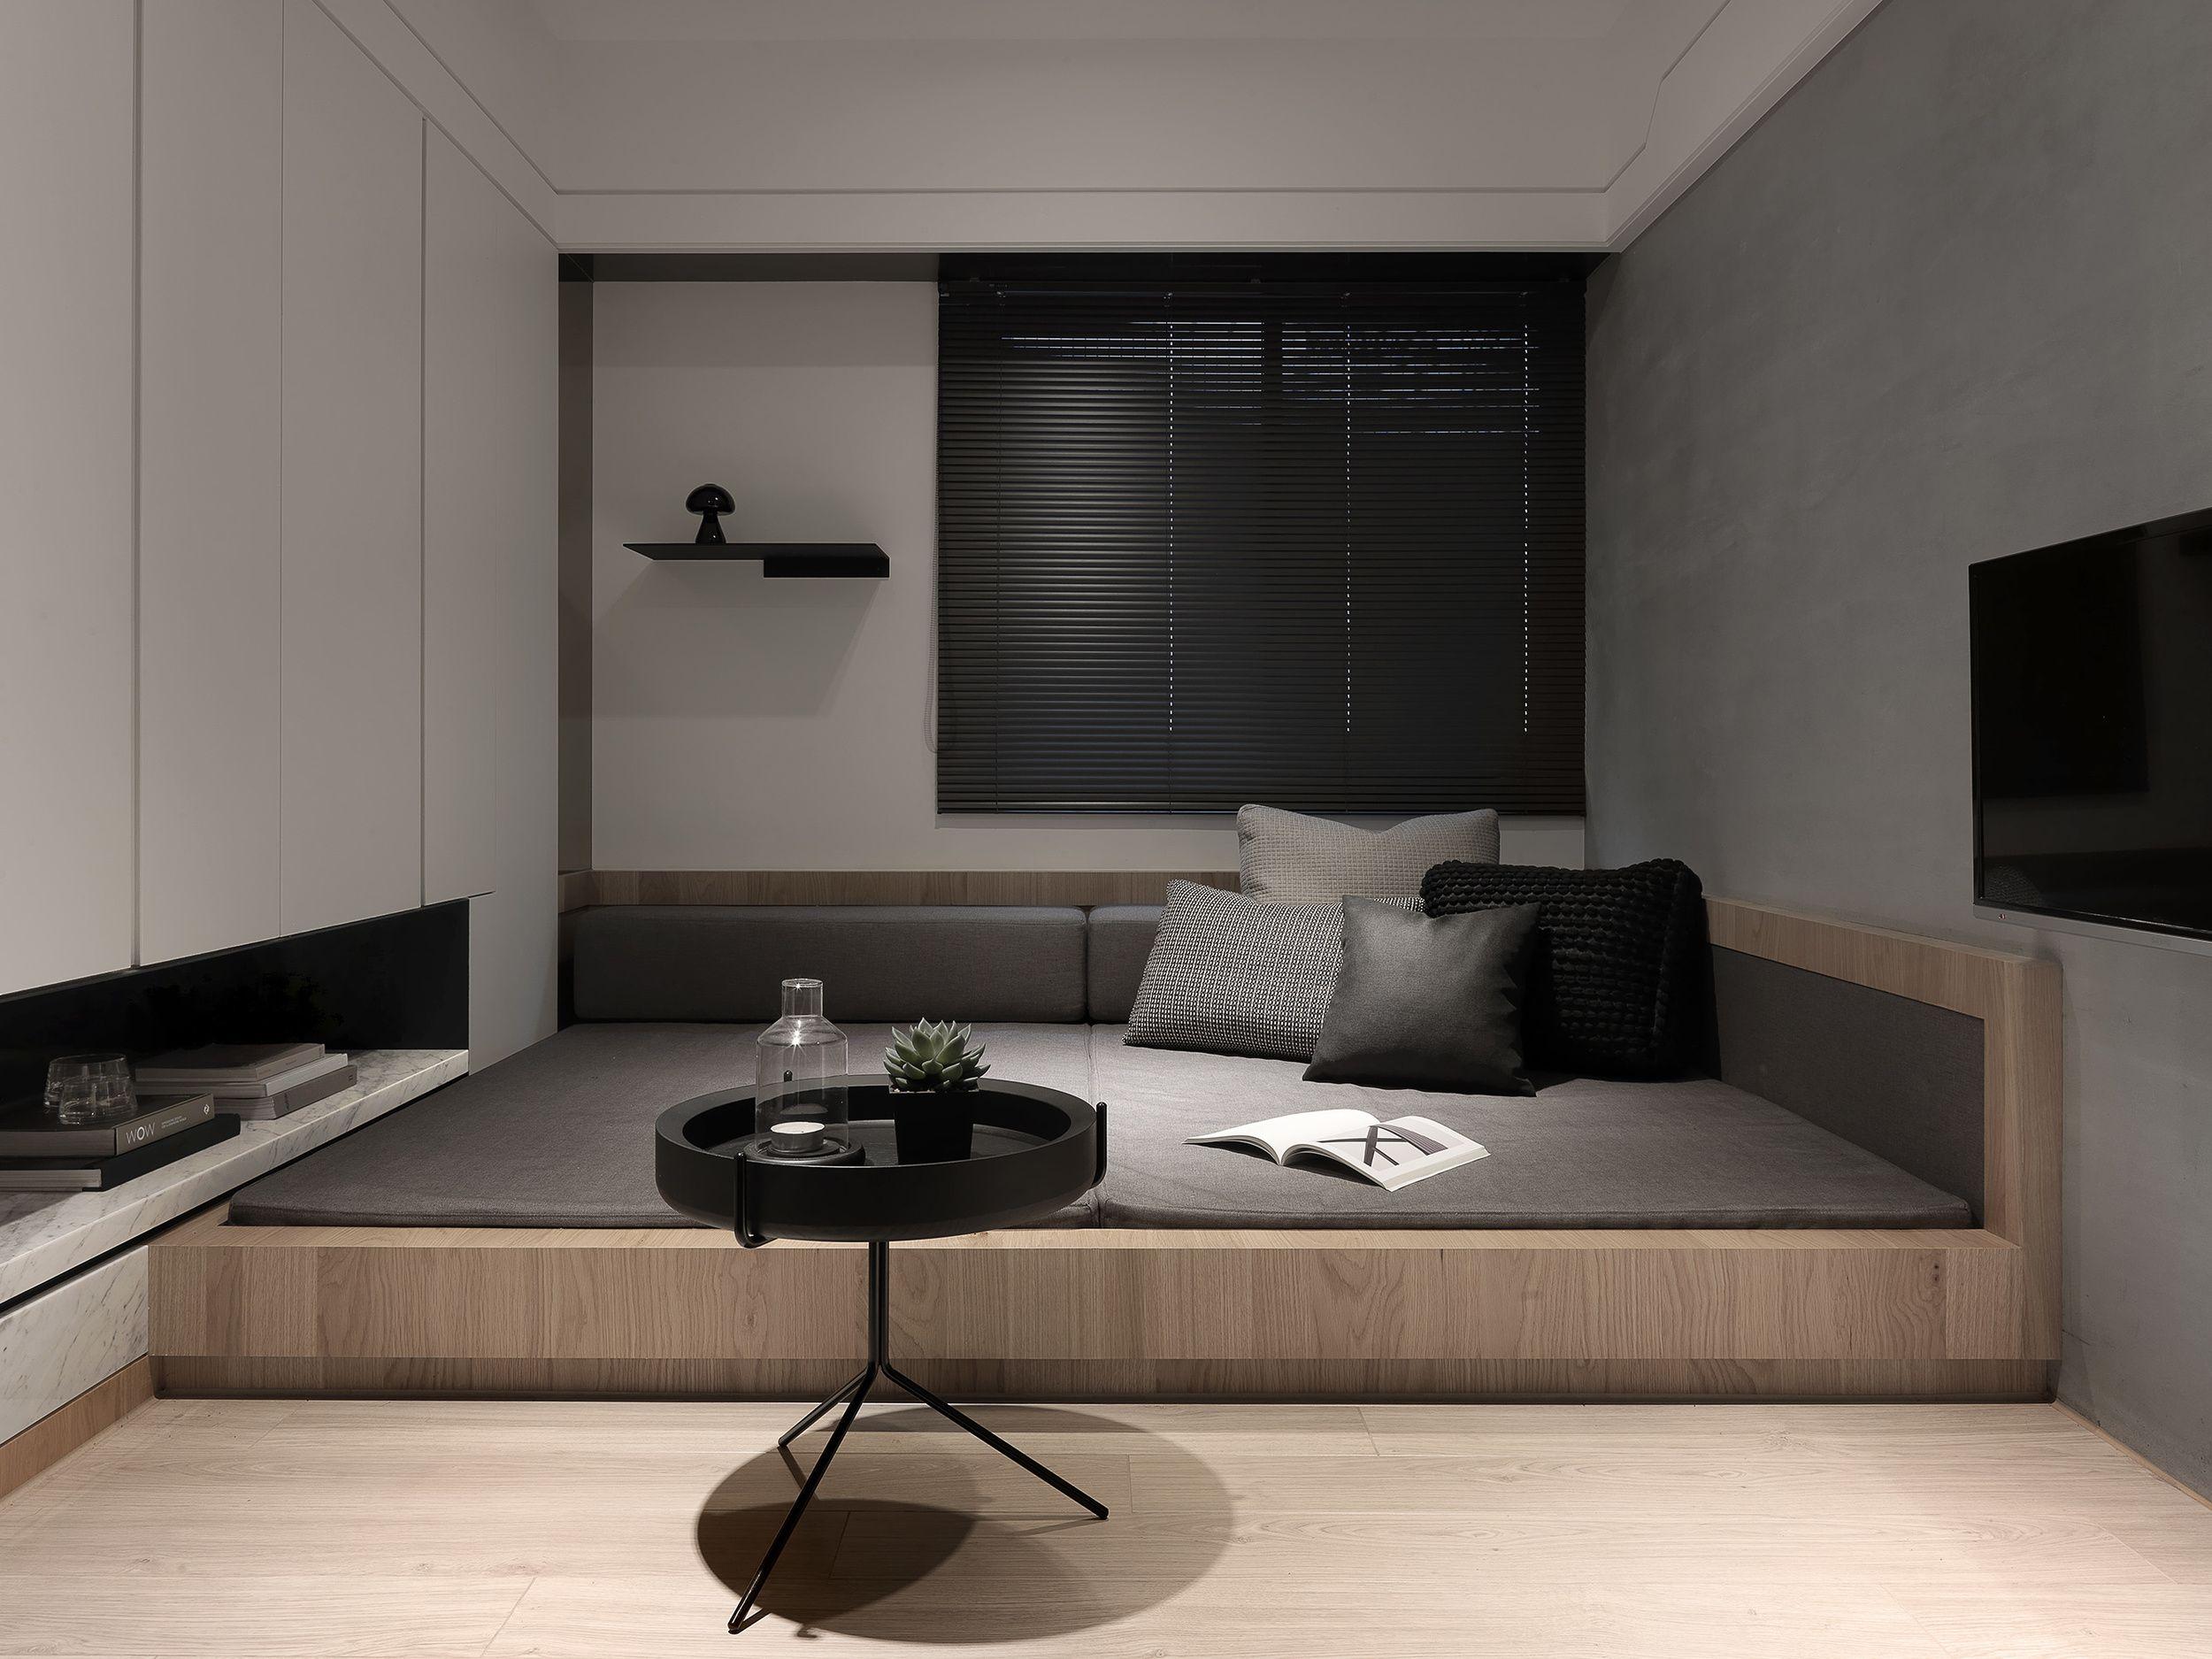 Moooten Studio 墨田工作室 Secret Territory Home bedroom